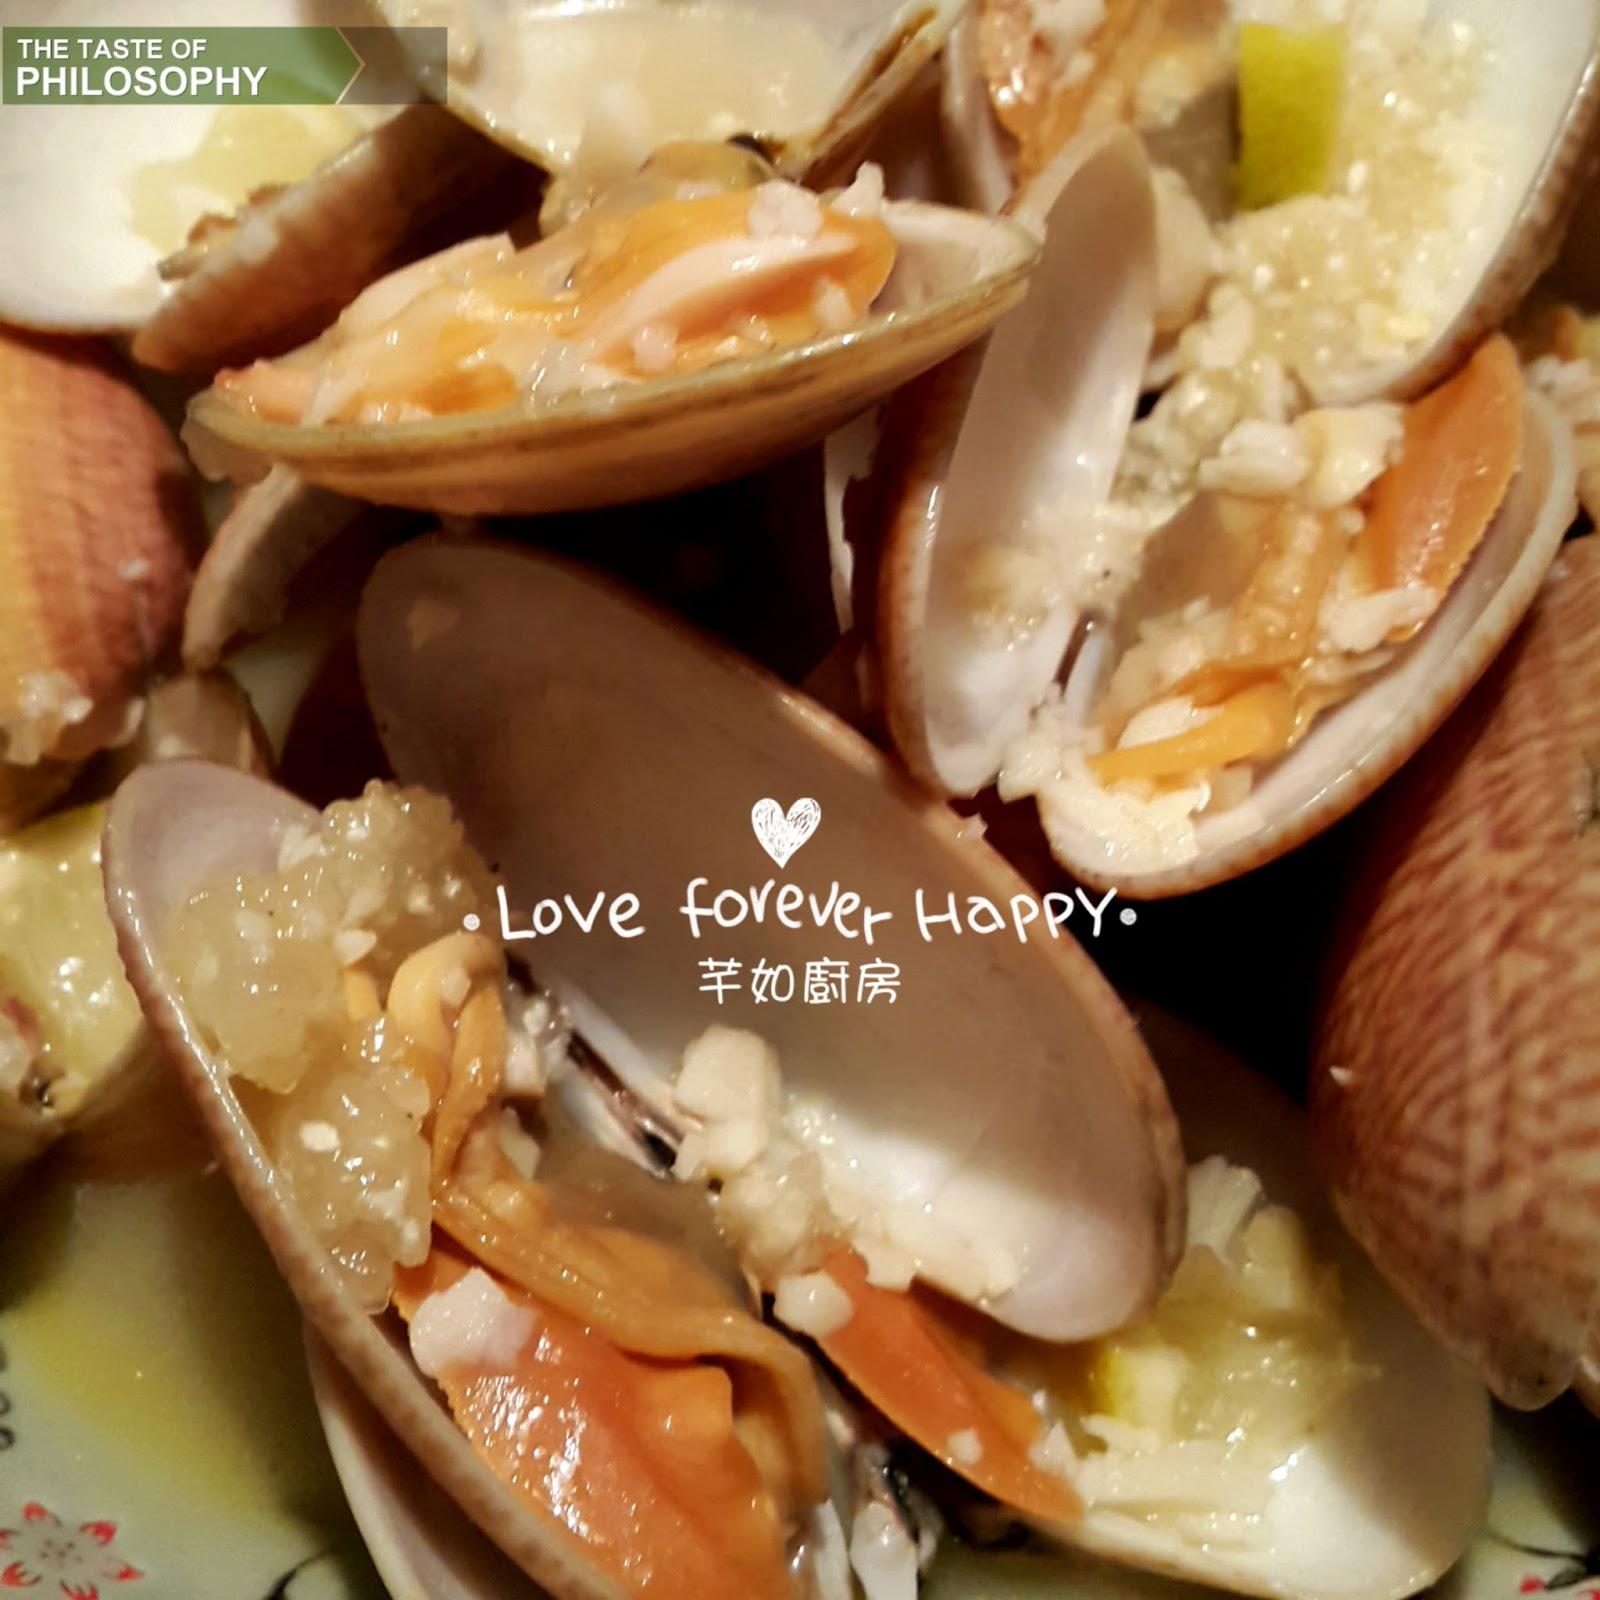 芊如廚房 (Chin Yu Kitchen): 檸檬牛油煮蜆